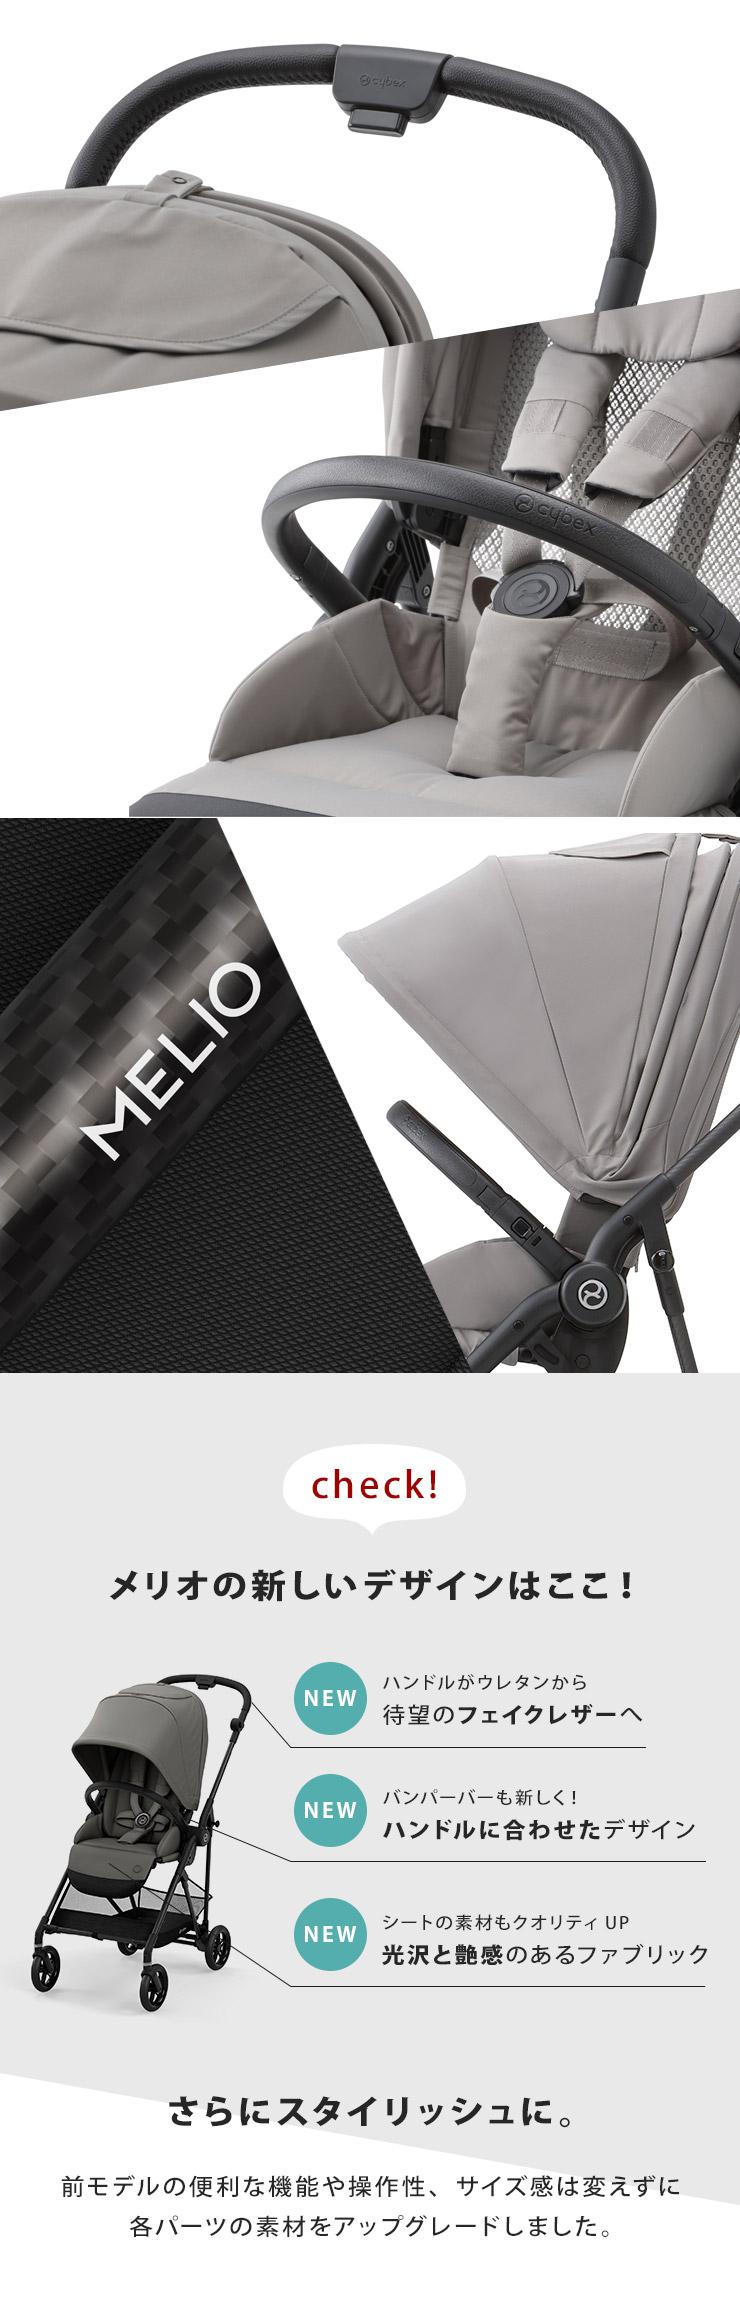 サイベックス メリオ カーボンの新しいデザインはここ